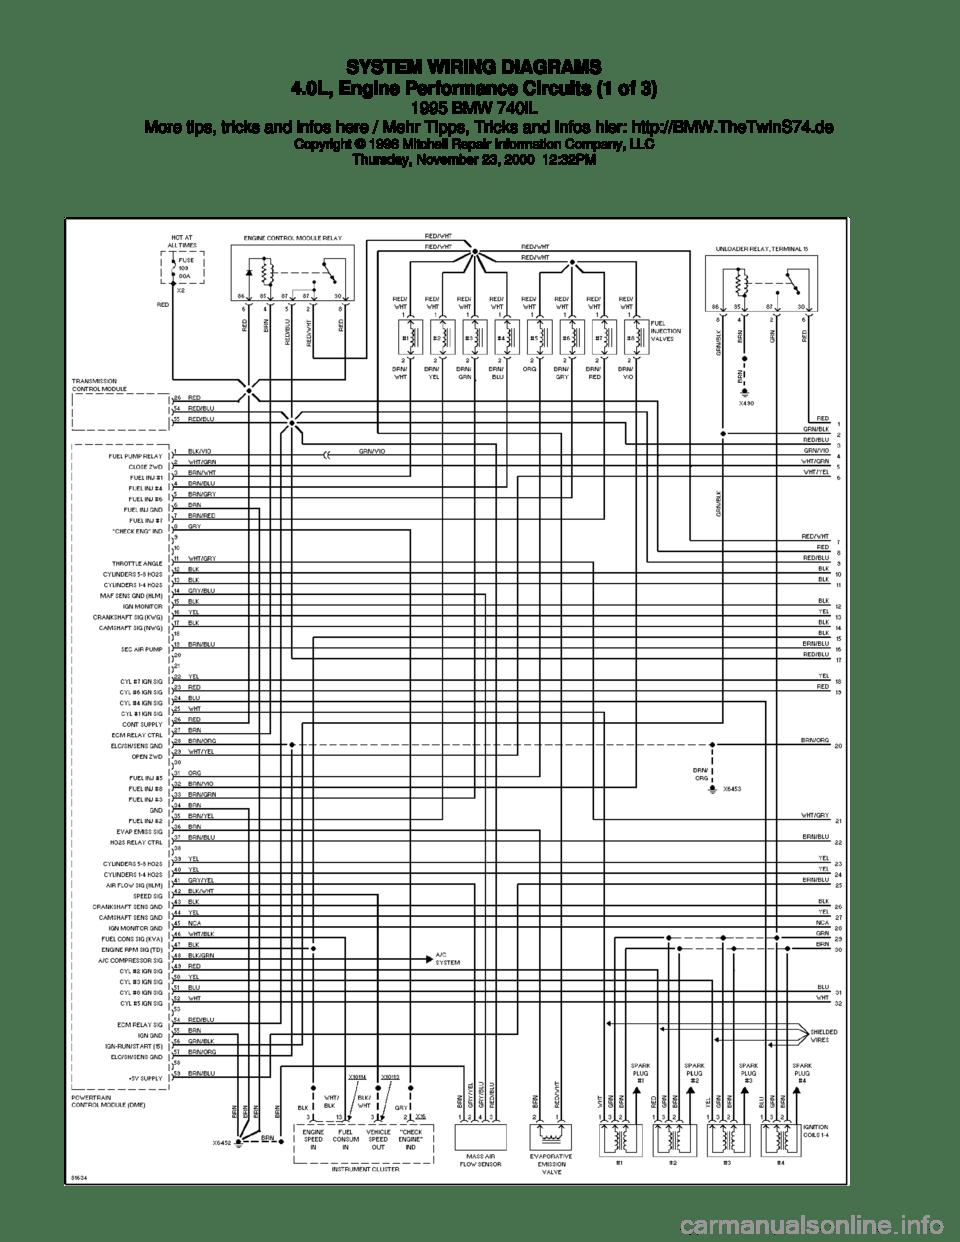 wrg-8538] 2001 bmw 740il engine diagram  mx.tl